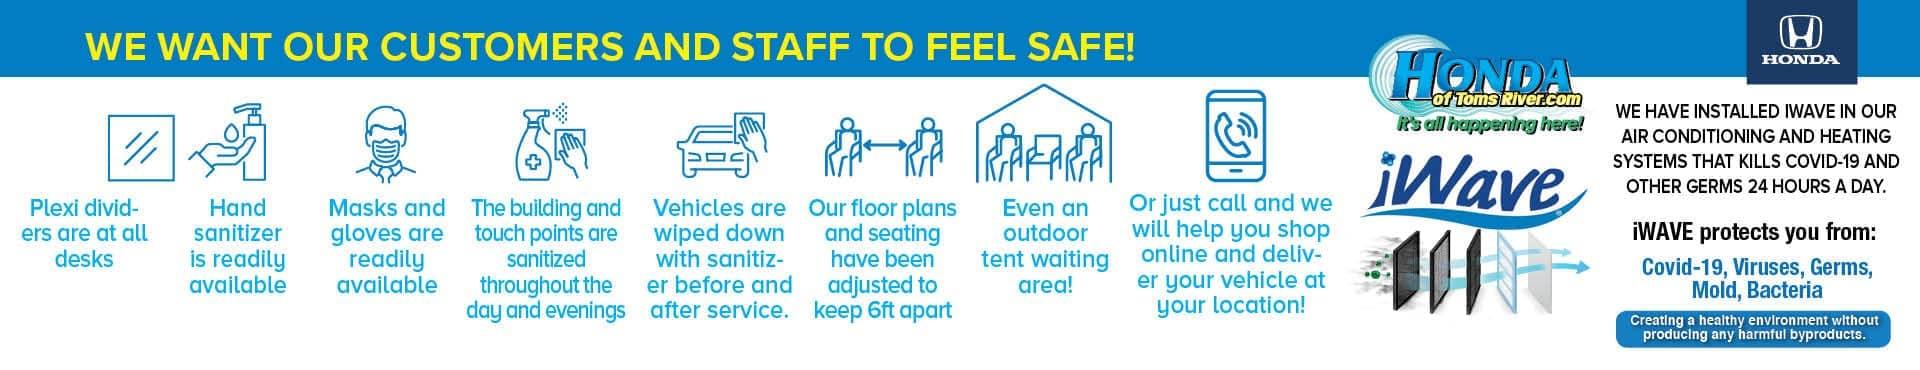 feel-safe